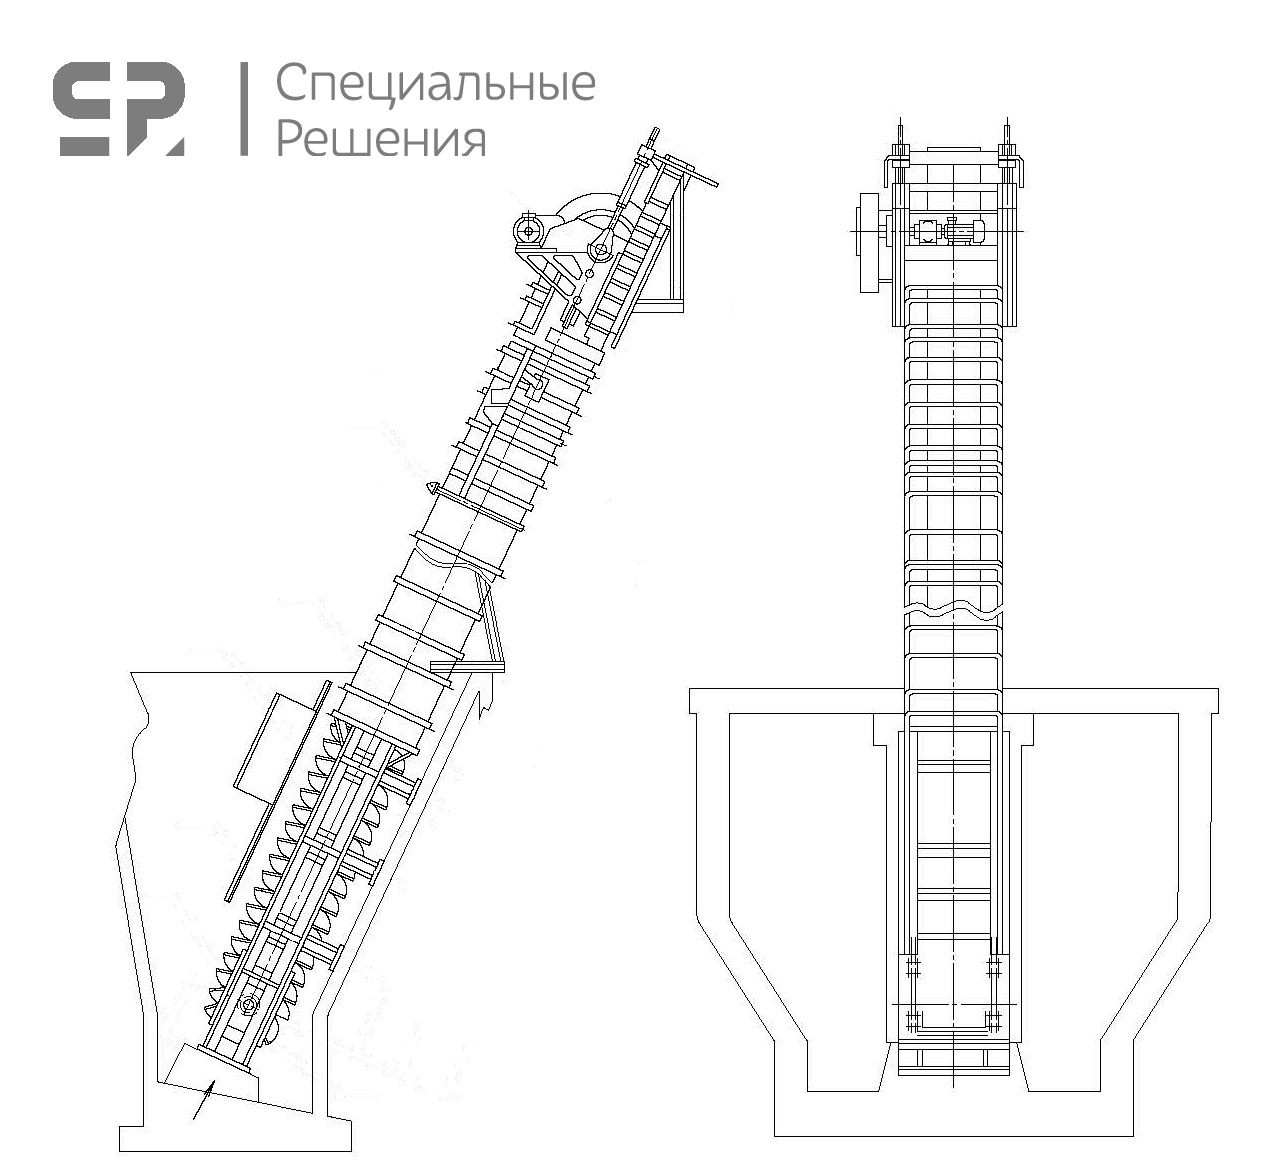 Ремонт дробильного оборудования в Коломна продам конусная дробилка кмд-600